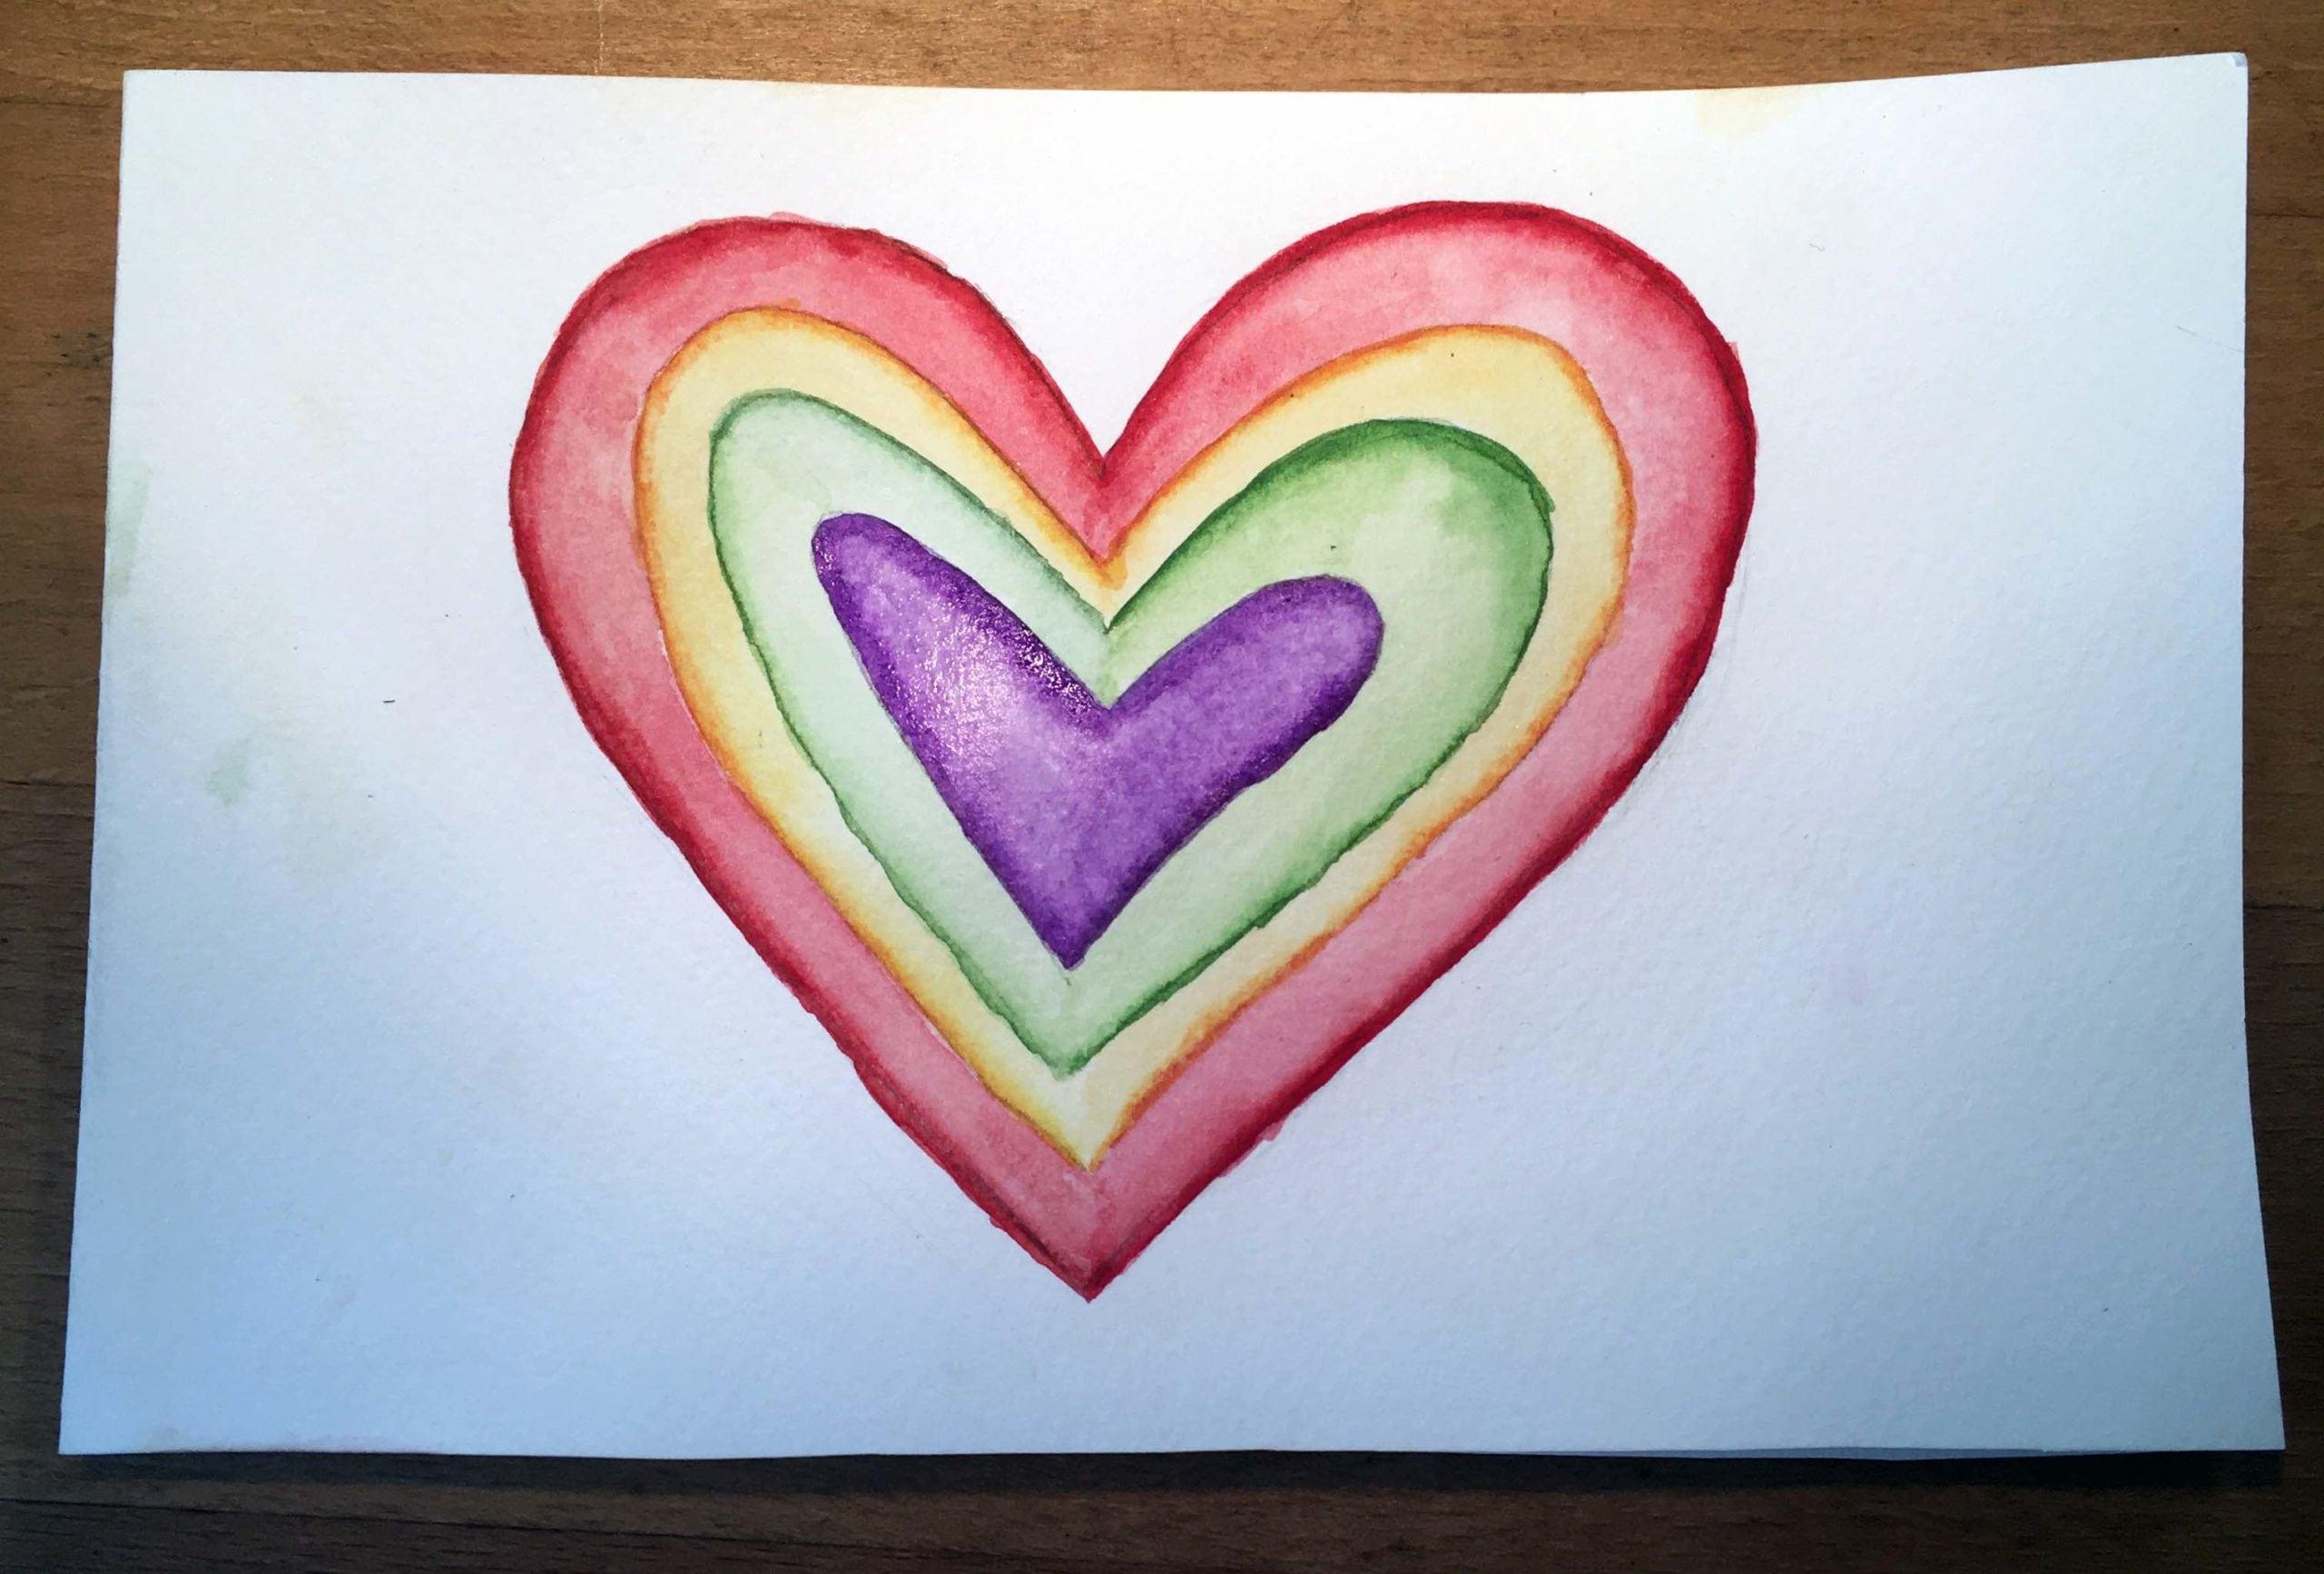 Muttertagskarten kannst du selber basteln und zum Beispiel mit Wasserfarben gestalten.